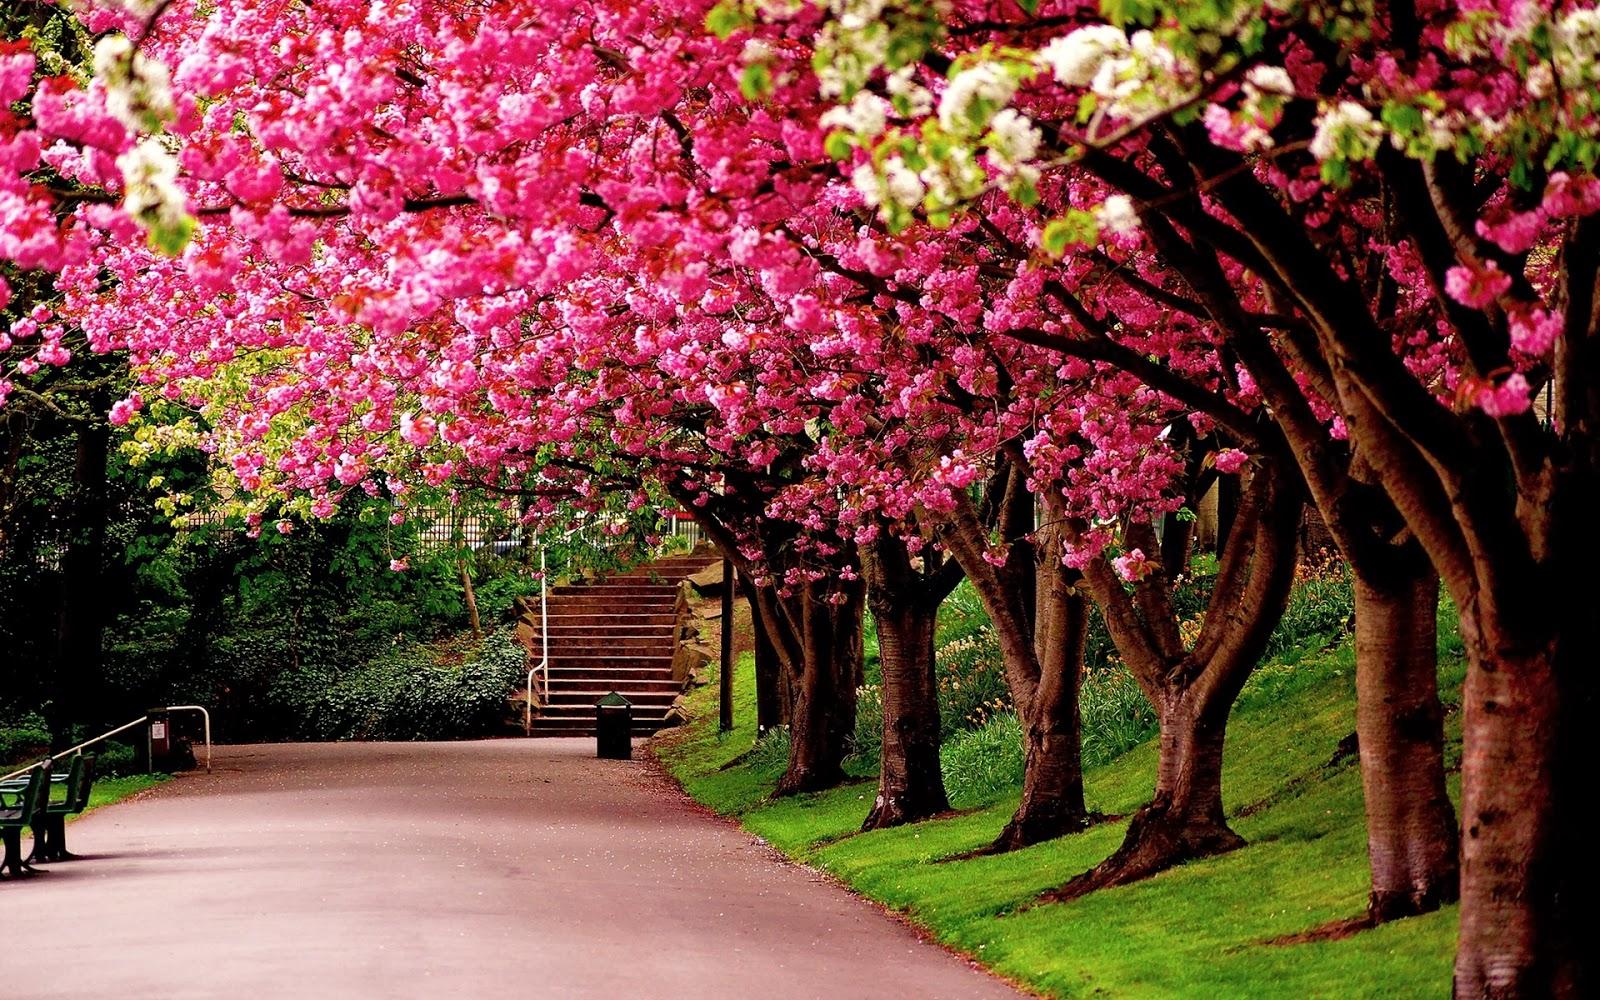 Ảnh đẹp làm hình nền thiên nhiên những con đường tơ lụa Ảnh Đẹp